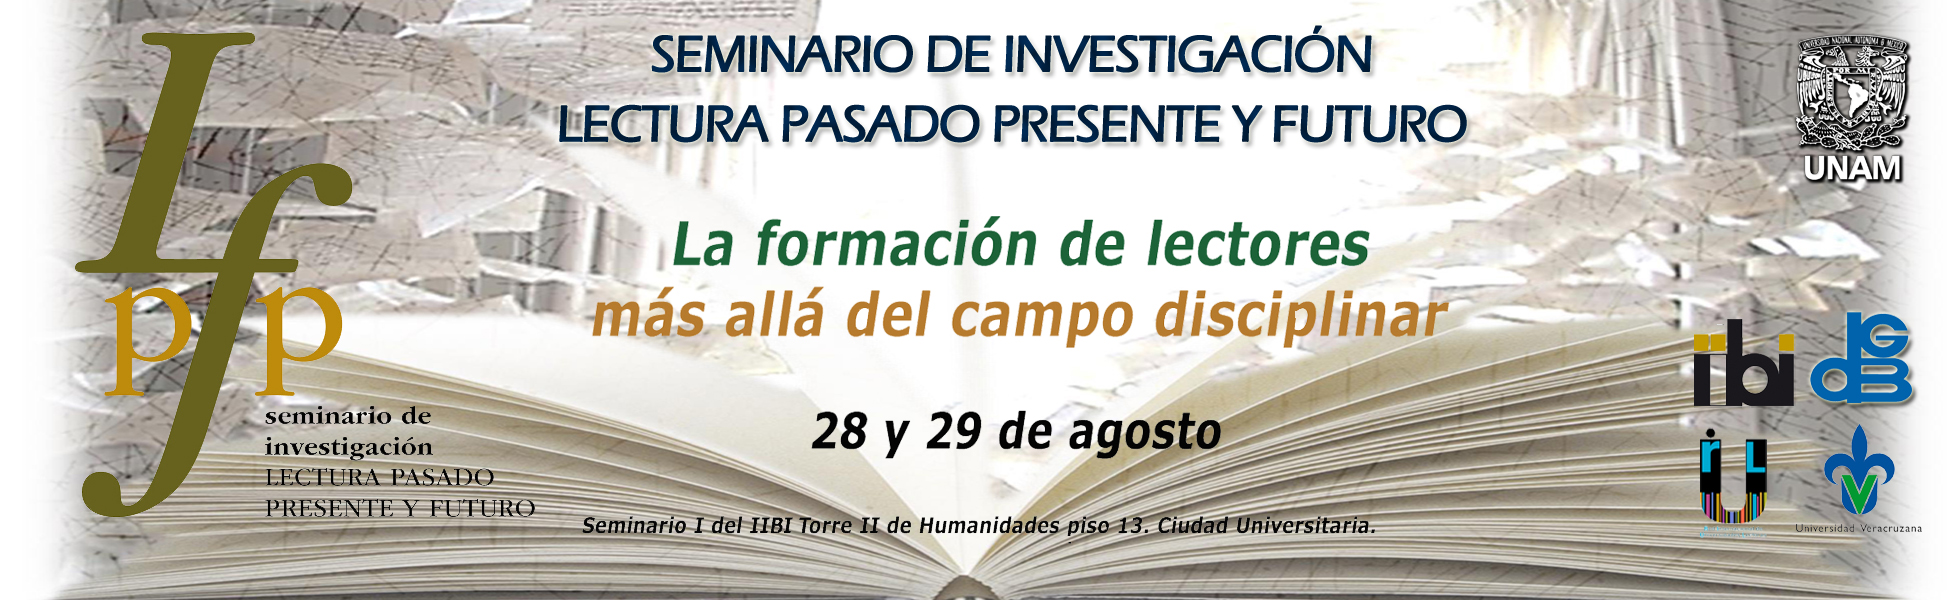 Seminario de Investigación LECTURA  PASADO PRESENTE  Y FUTURO